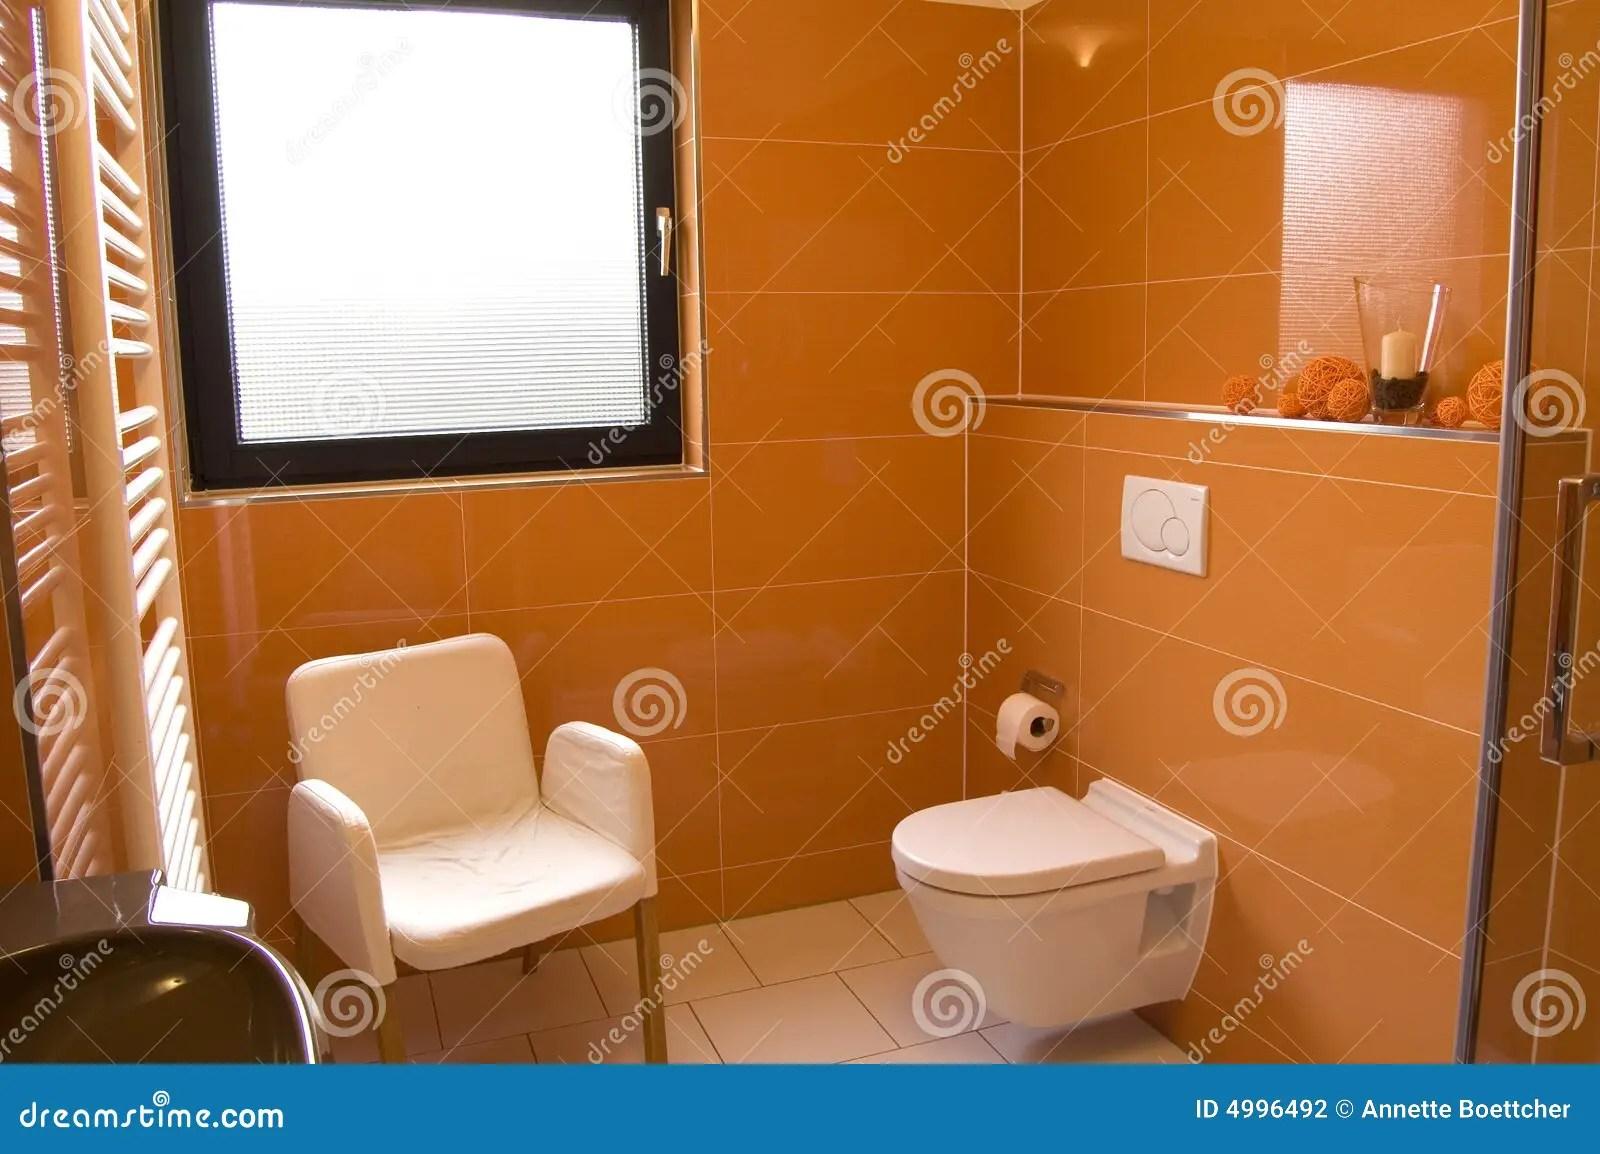 Stanza Da Bagno Arancione Moderna Fotografia Stock  Immagine di domestico lusso 4996492